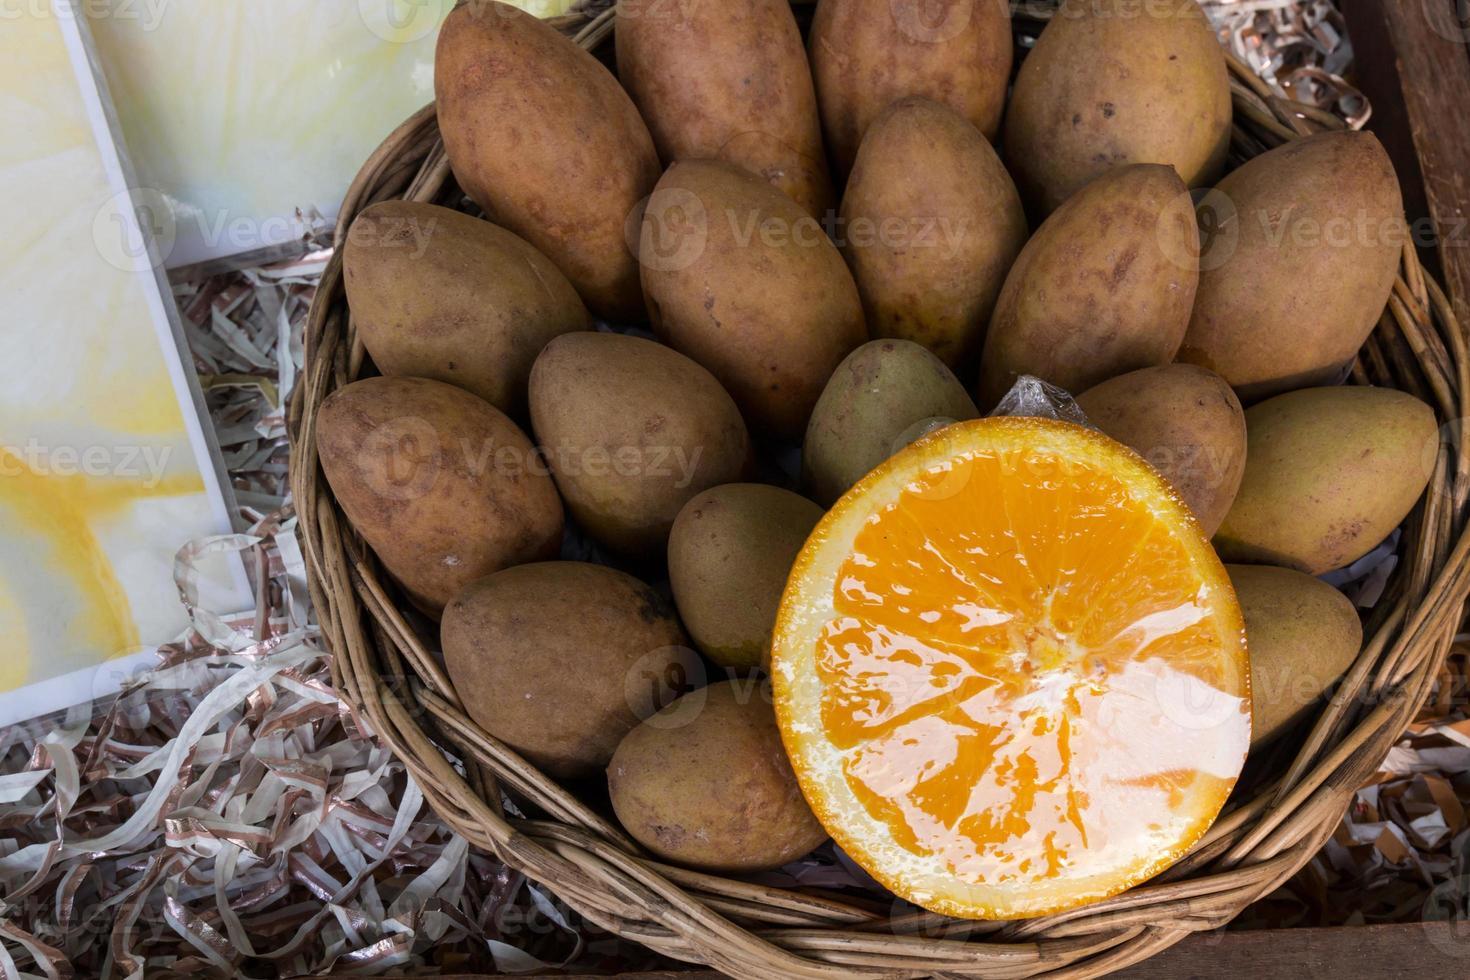 ameixas sapoti e laranja em uma cesta foto